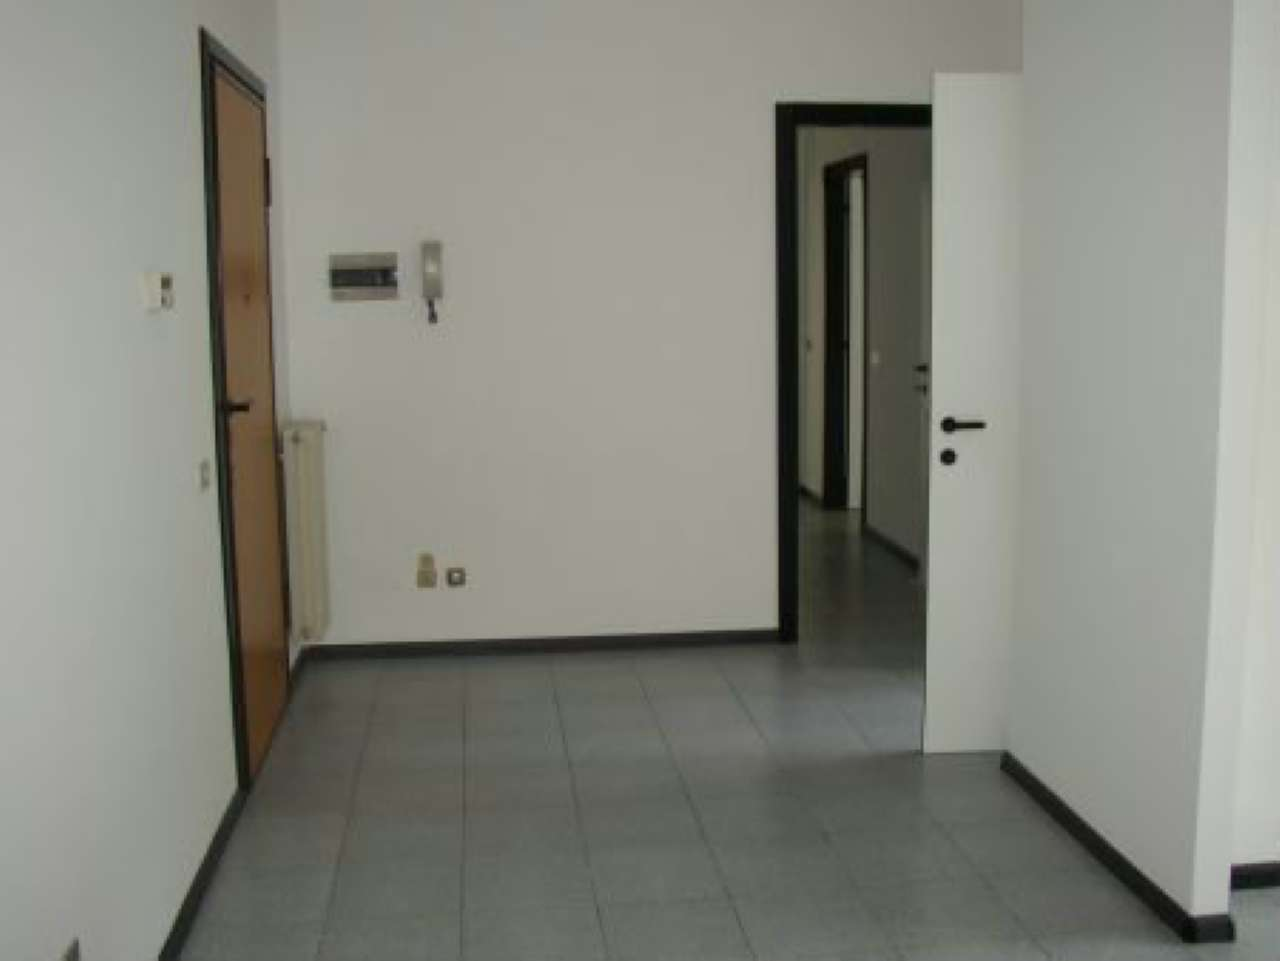 Ufficio / Studio in affitto a Sondrio, 4 locali, prezzo € 500   CambioCasa.it